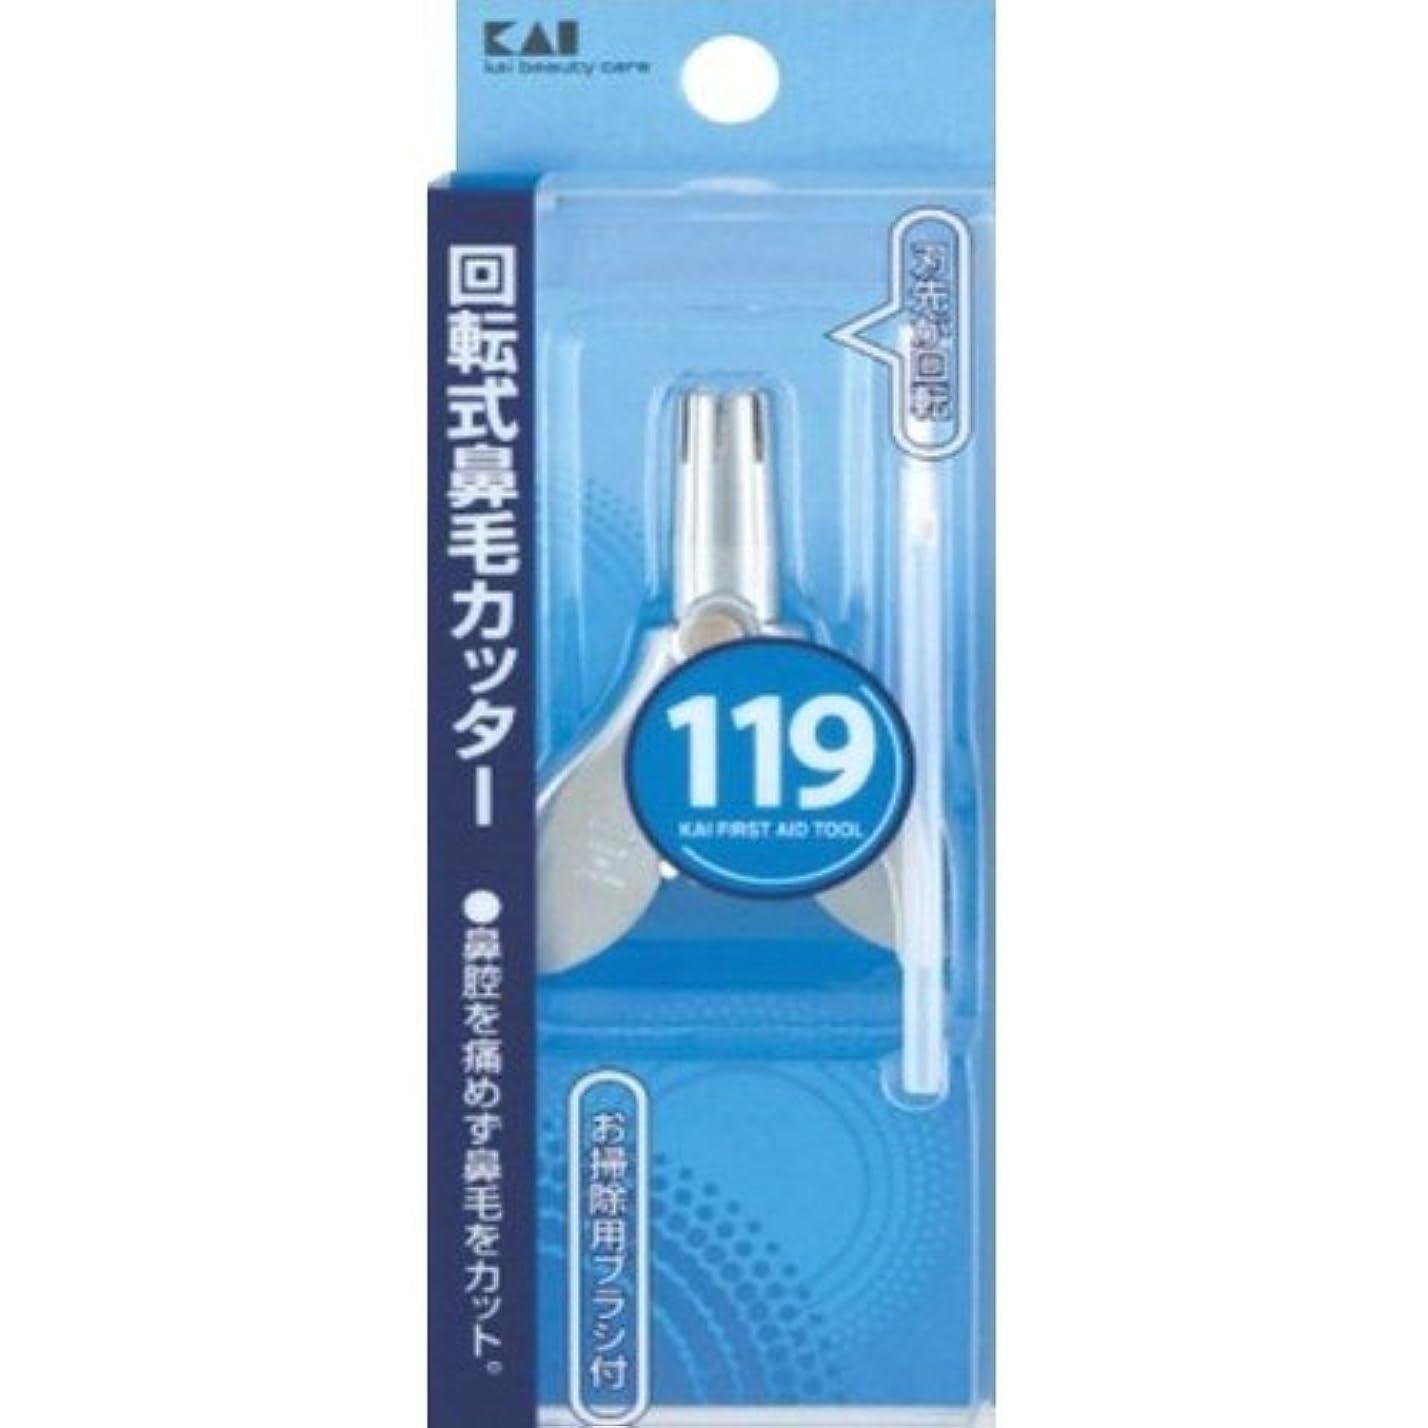 部分影響思いやり貝印 119 回転式鼻毛カッター KF1038